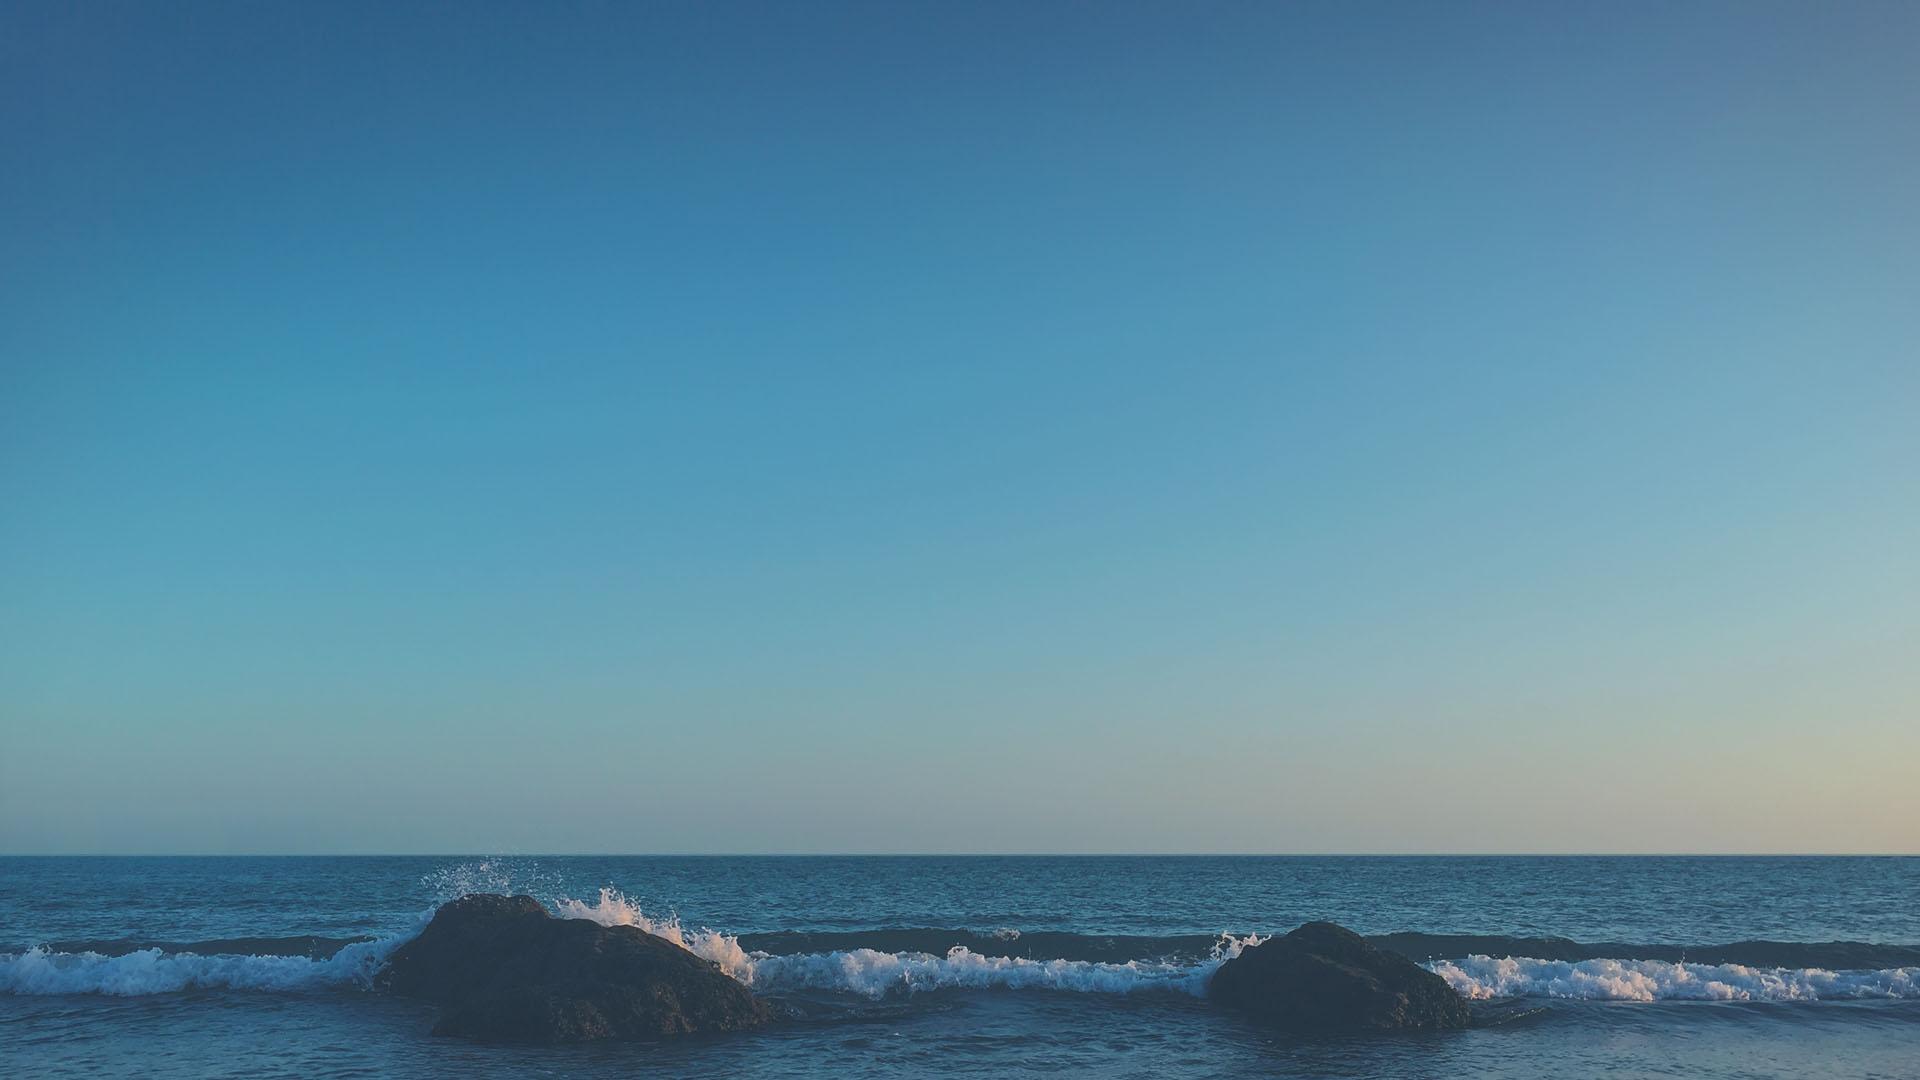 oceanb3